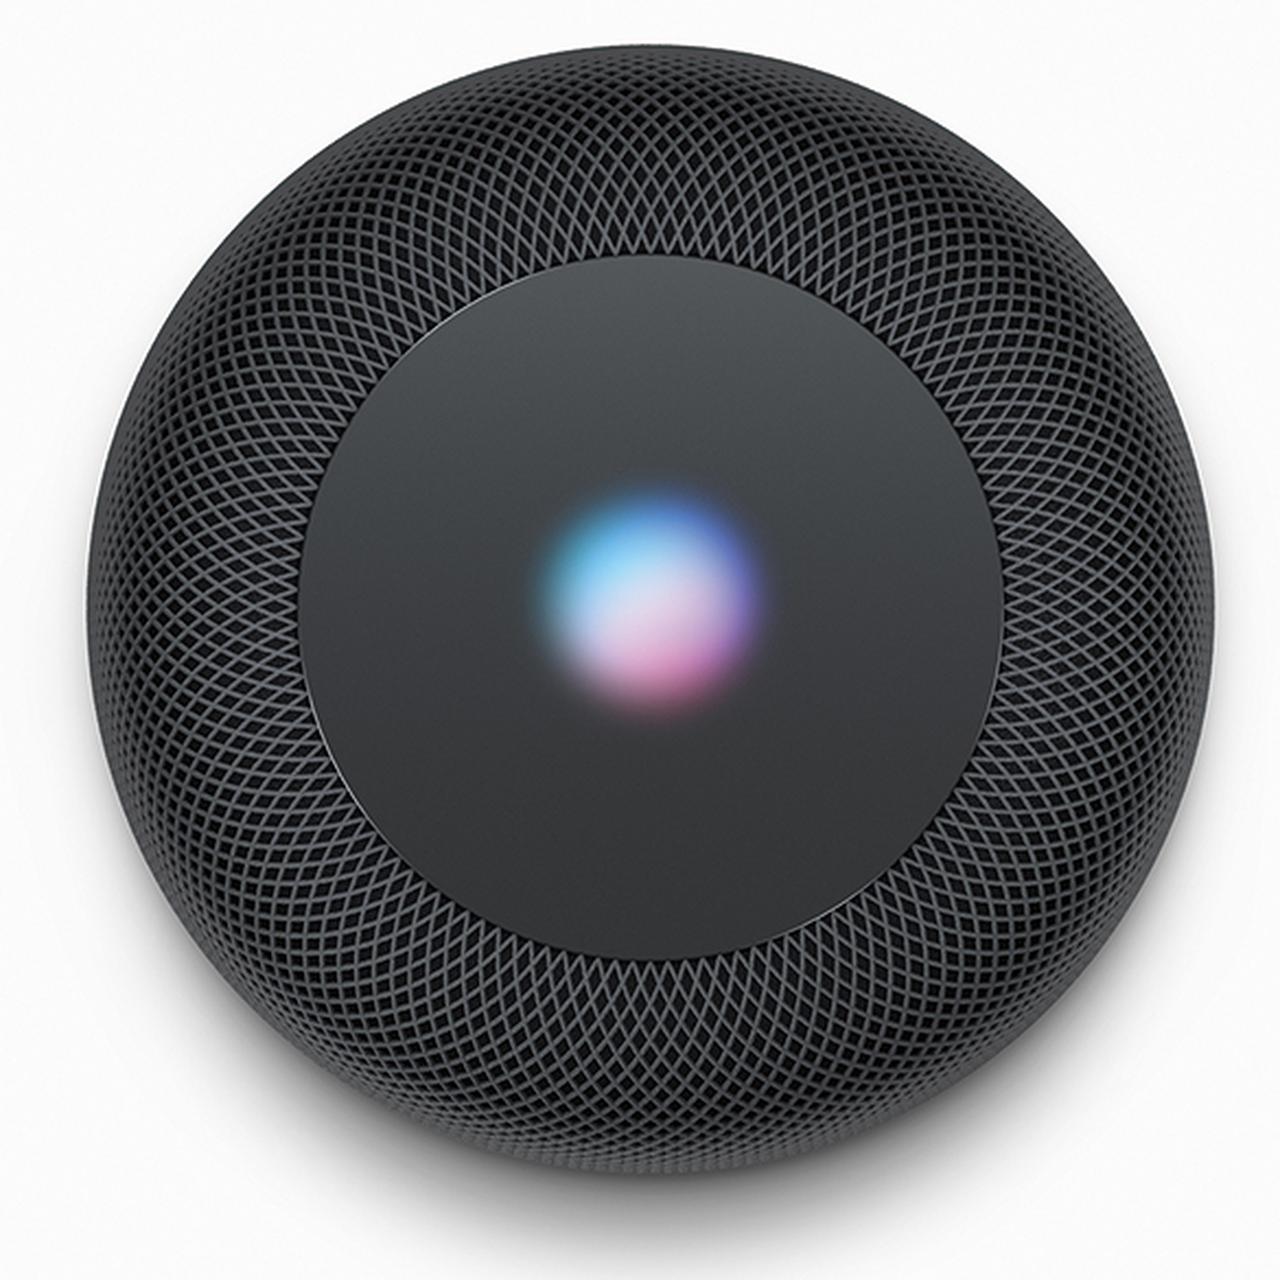 画像: 【HomePodレビュー】スマートスピーカーとしては格違いの音質に注目